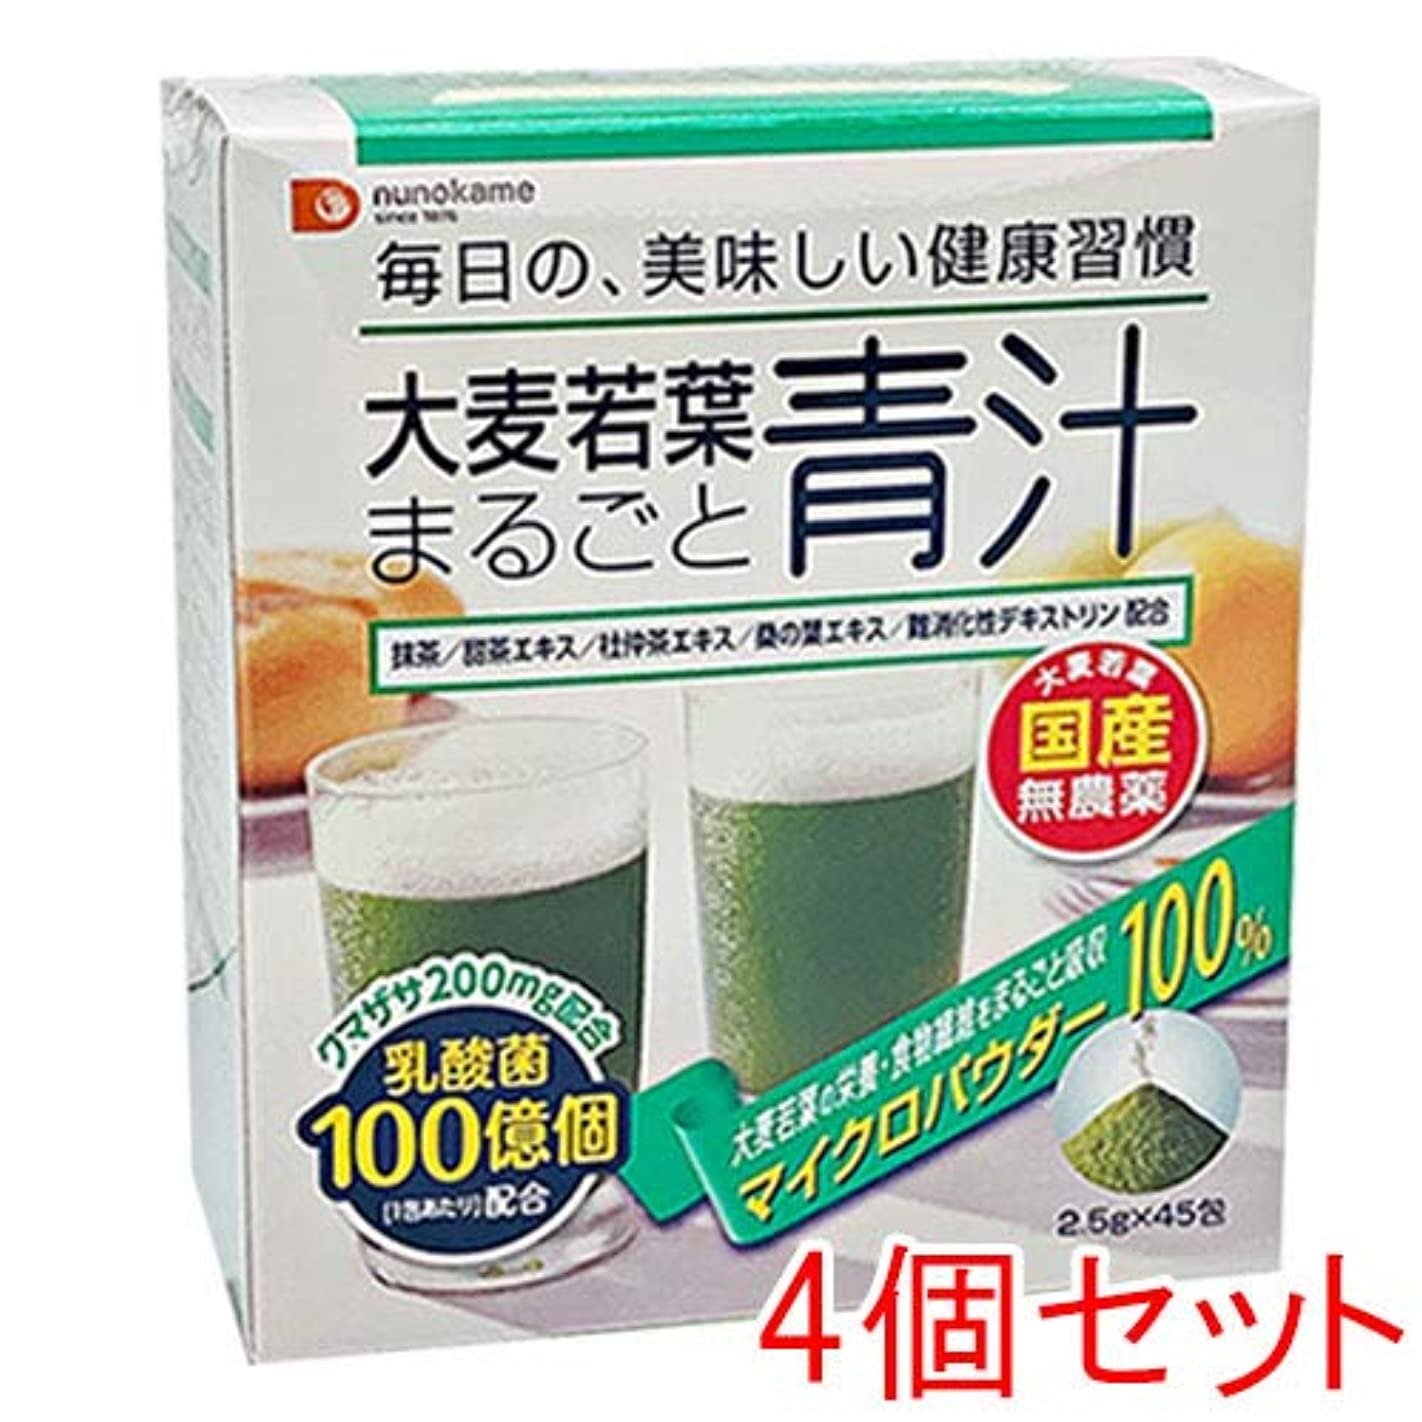 ペフ虹ラケット大麦若葉まるごと青汁 4個セット [2.5g×45包×4]